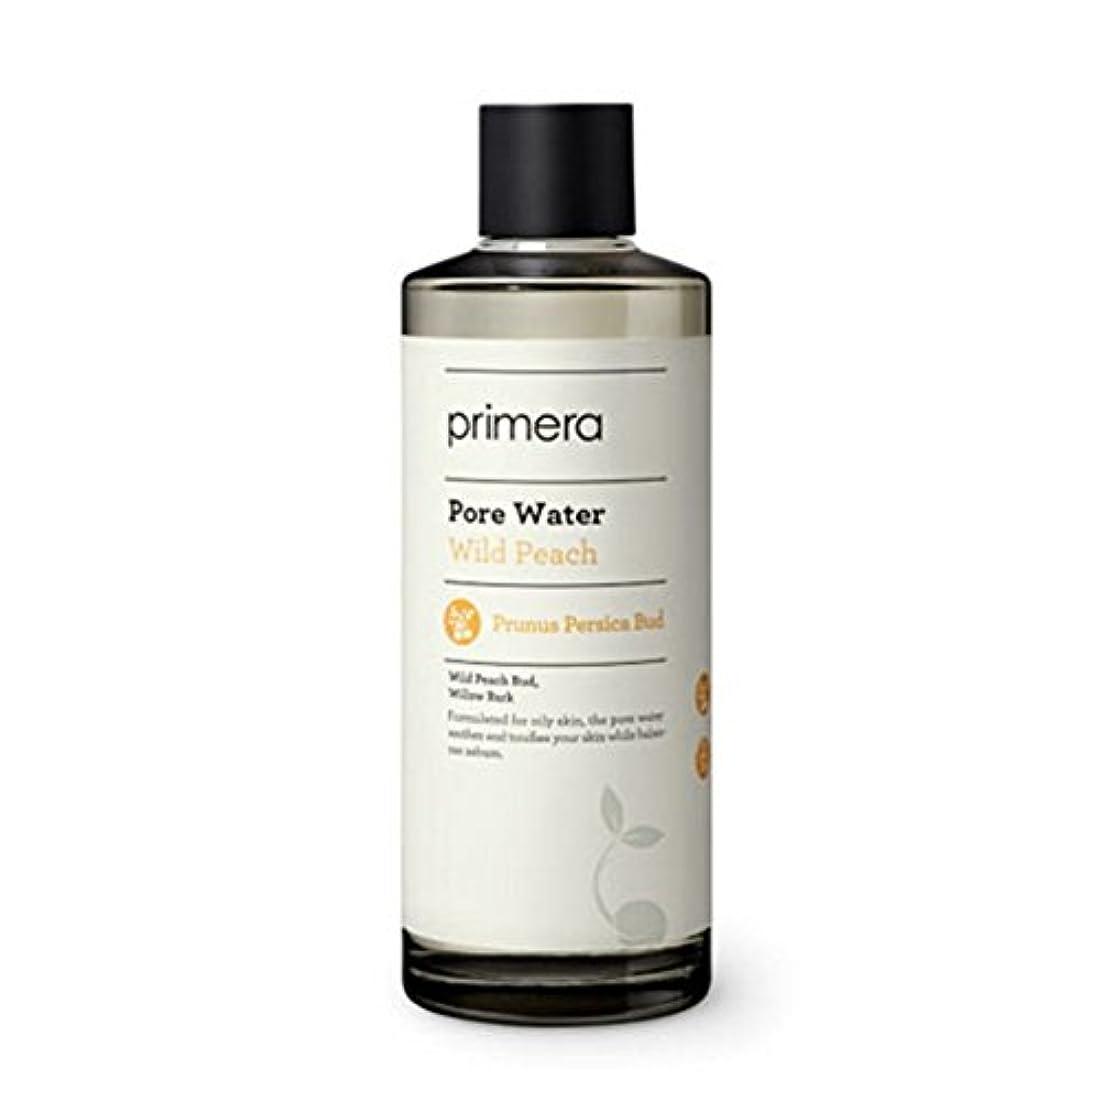 歪める逃れる投資する【プリメーラ】 PRIMERA Wild Peach Pore Water ワイルドピッチフォアウォーター 【韓国直送品】 OOPSPANDA